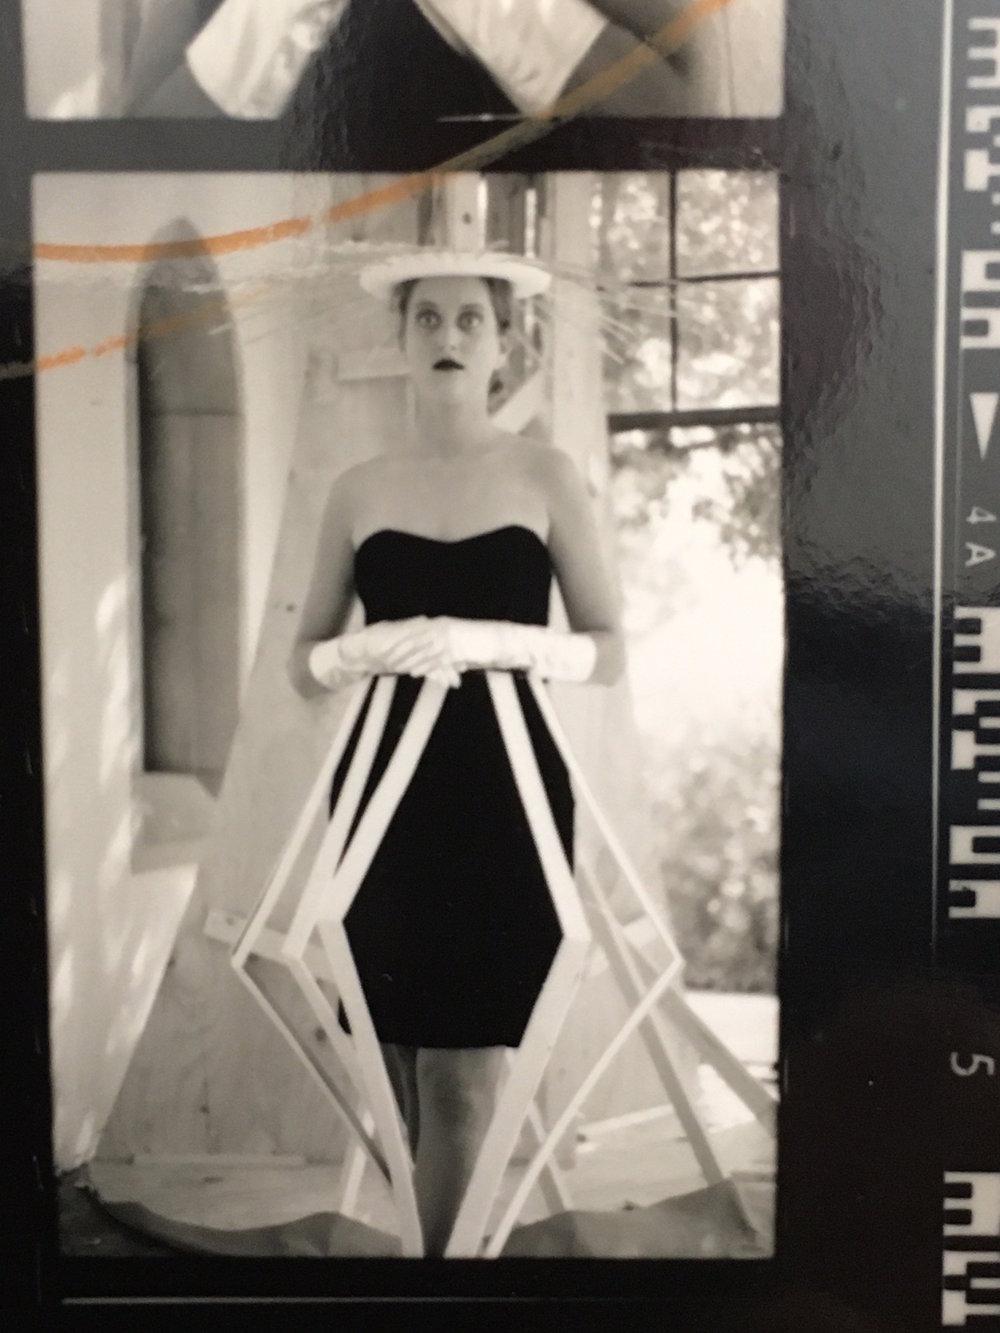 Reagan in wardrobe, set-piece behind her